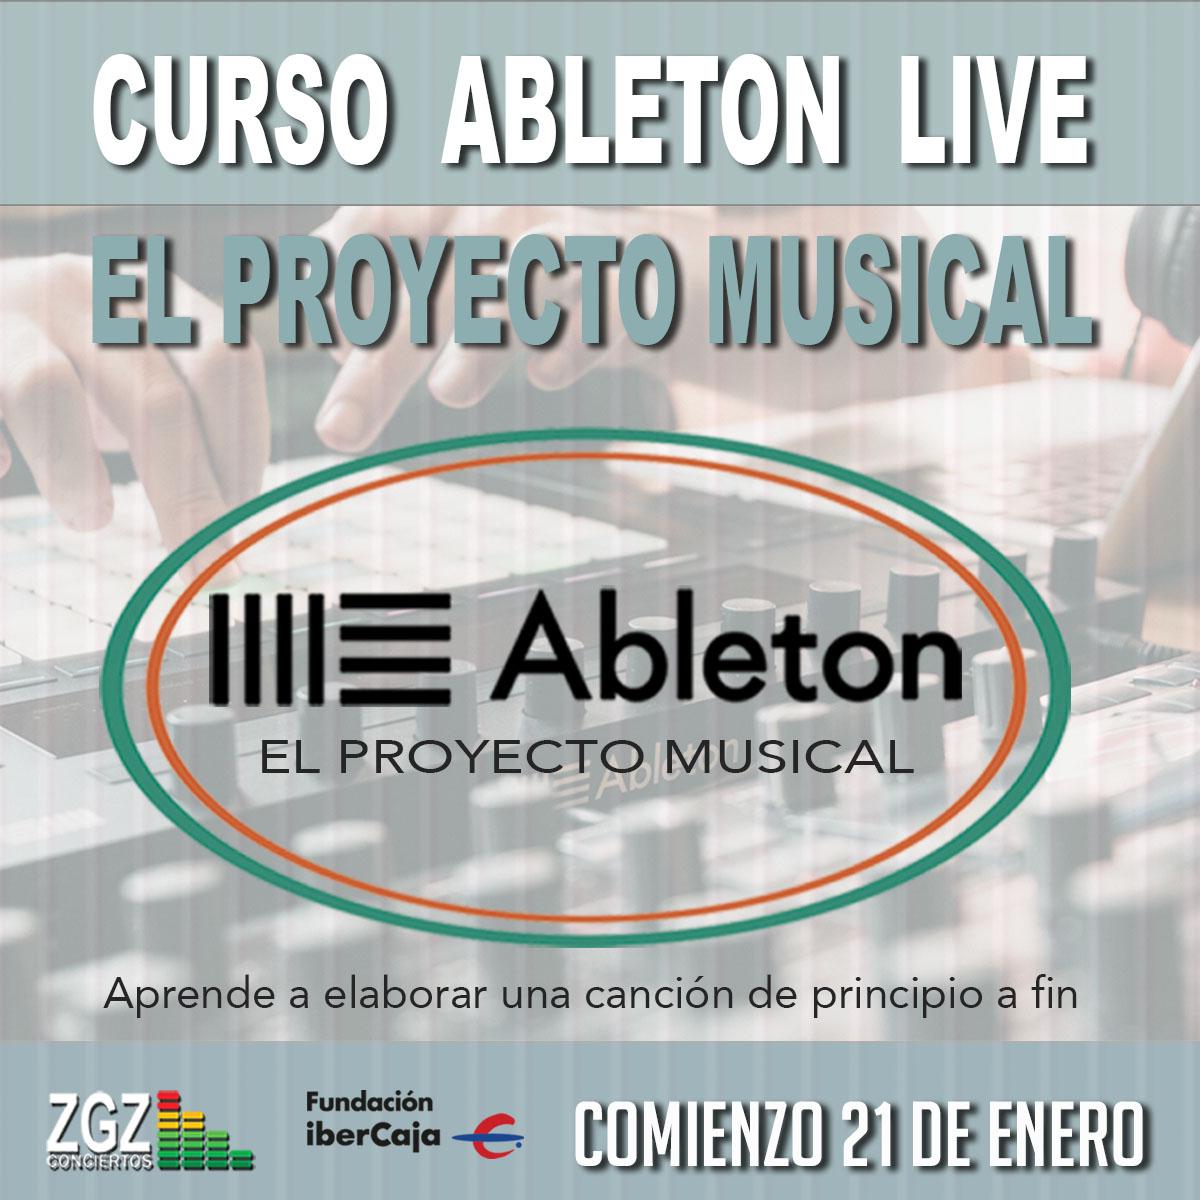 Curso de Ableton, El Proyecto Musical